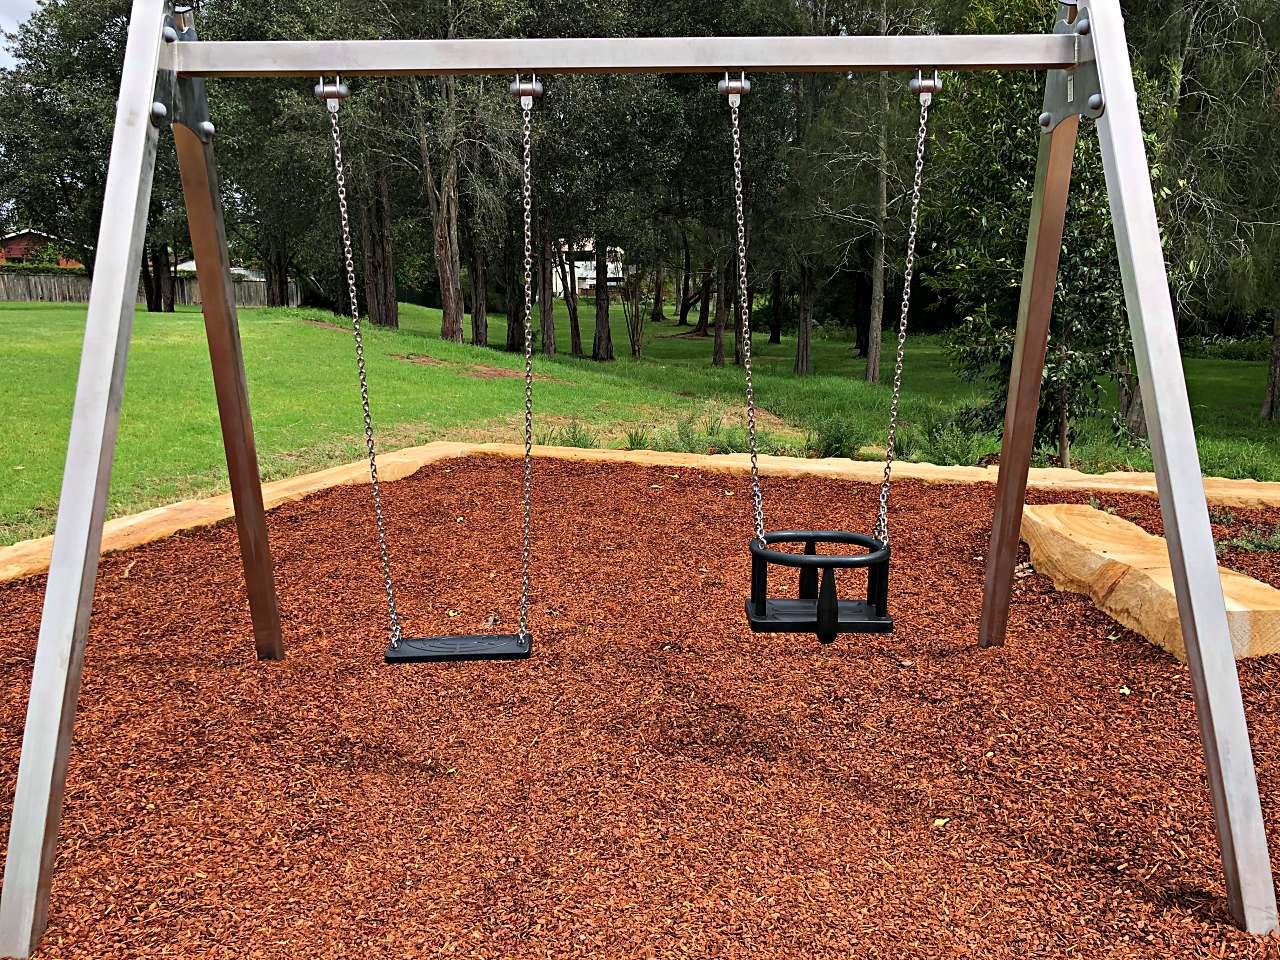 Swings at Alan Davidson Oval playground, Wyoming